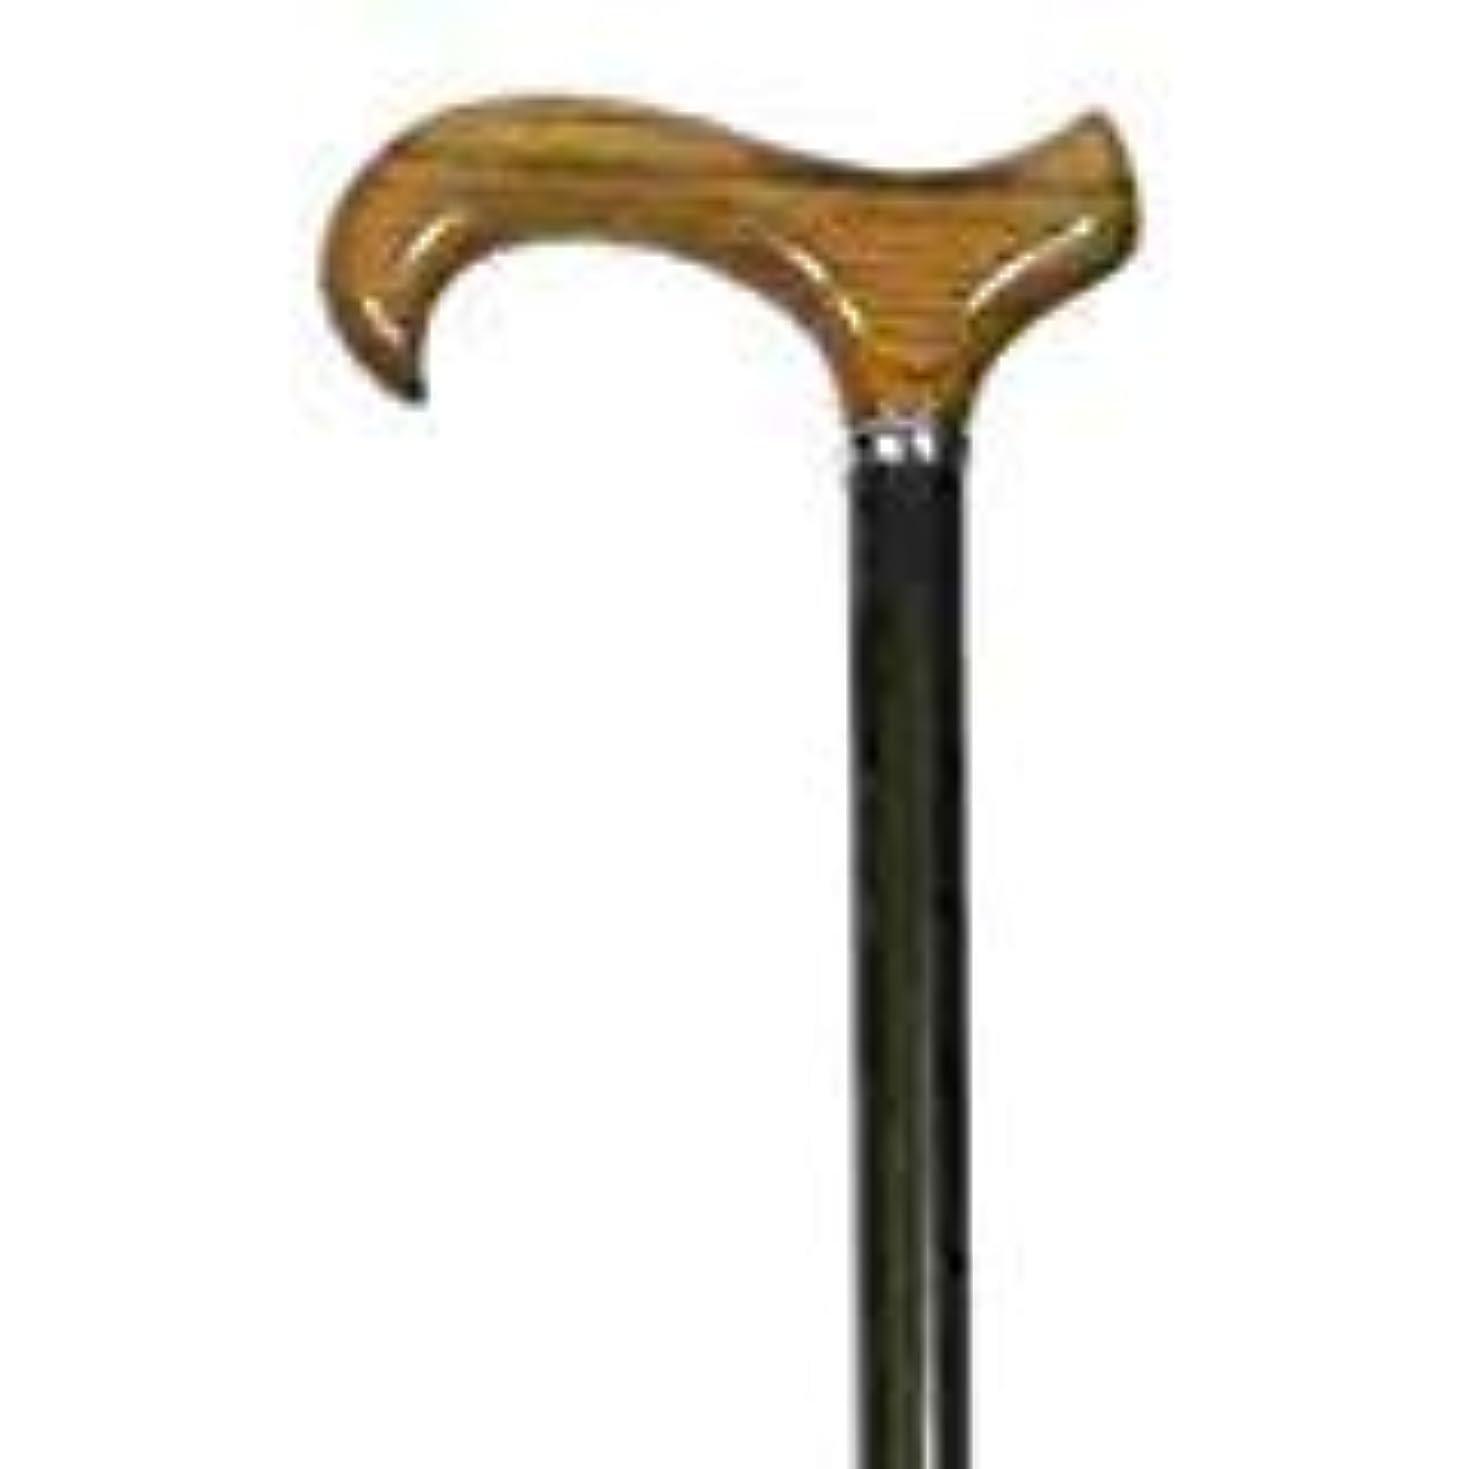 市民選挙むちゃくちゃBrown Gents Shock-absorbing Walking Cane - Fully Height Adjustable - 79-102cm by Classic Canes